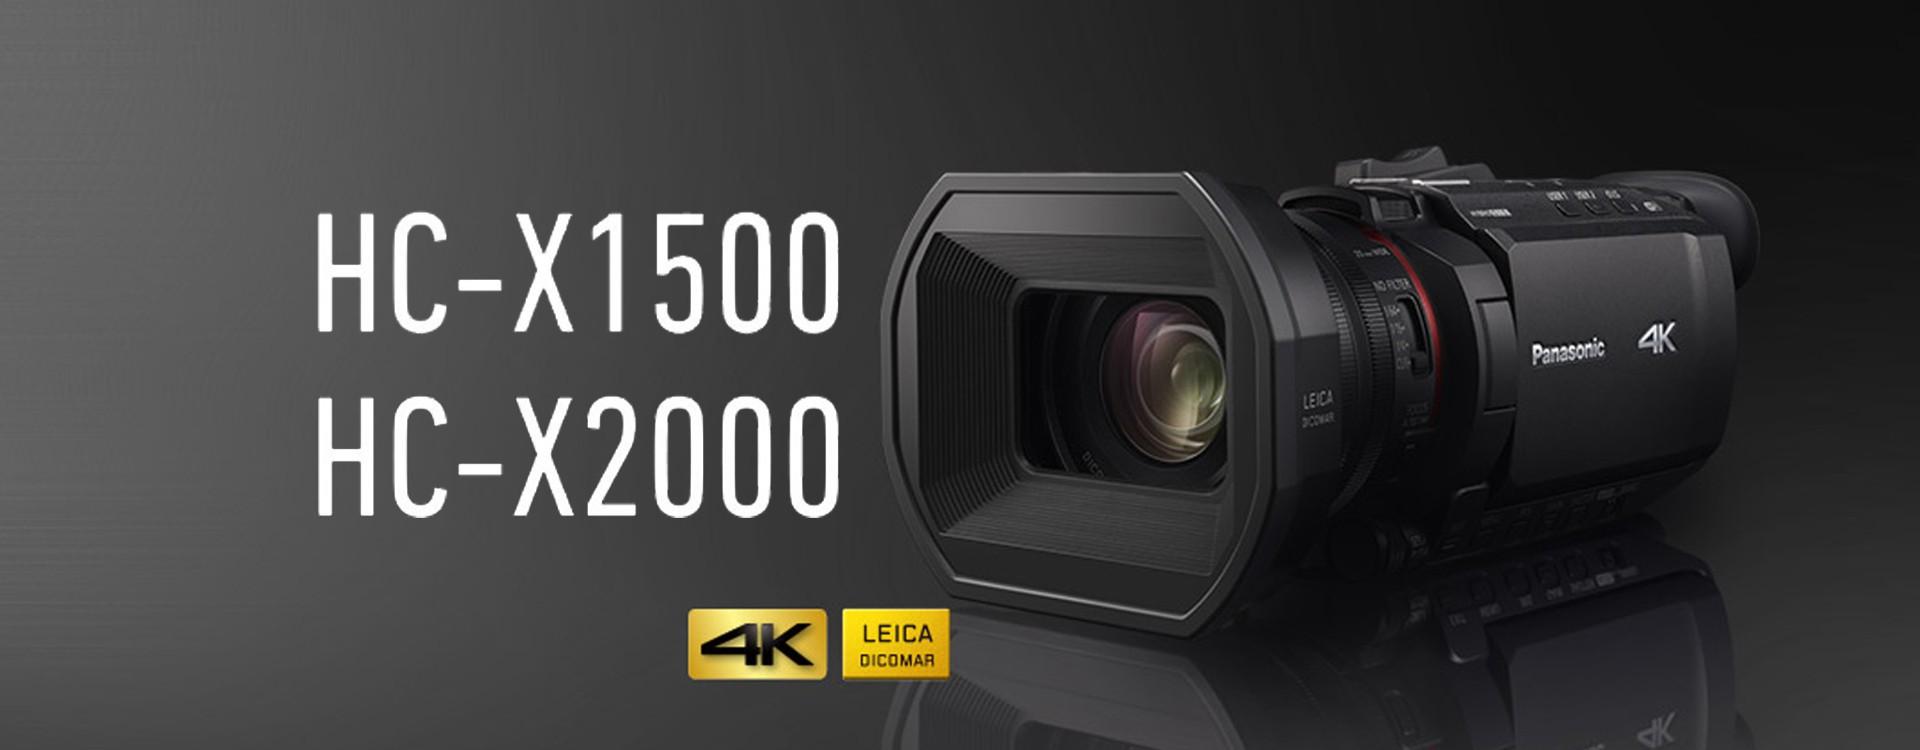 Nouveaux caméscopes 4K : Panasonic HC X1500 et 2000 disponible en Avril 2020